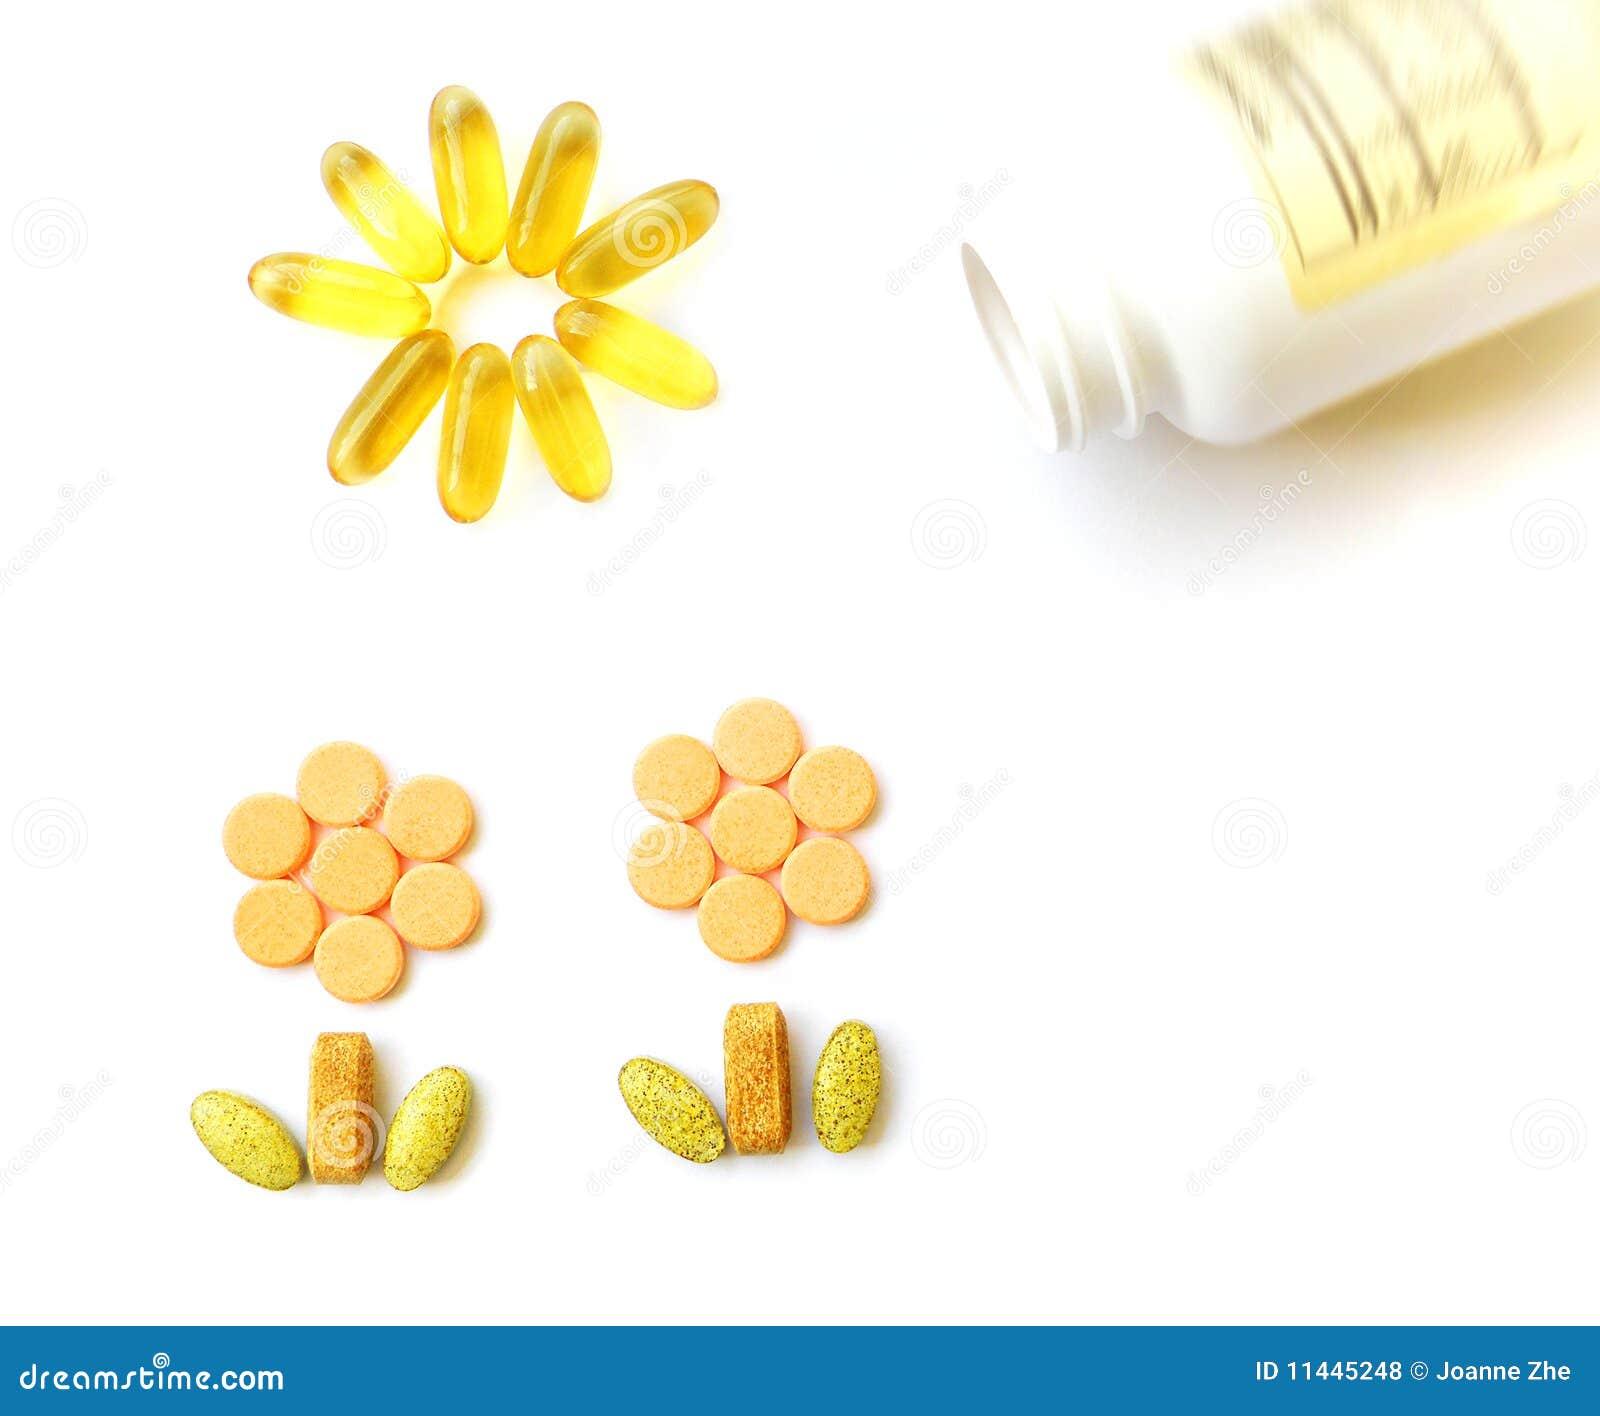 健康补充维生素